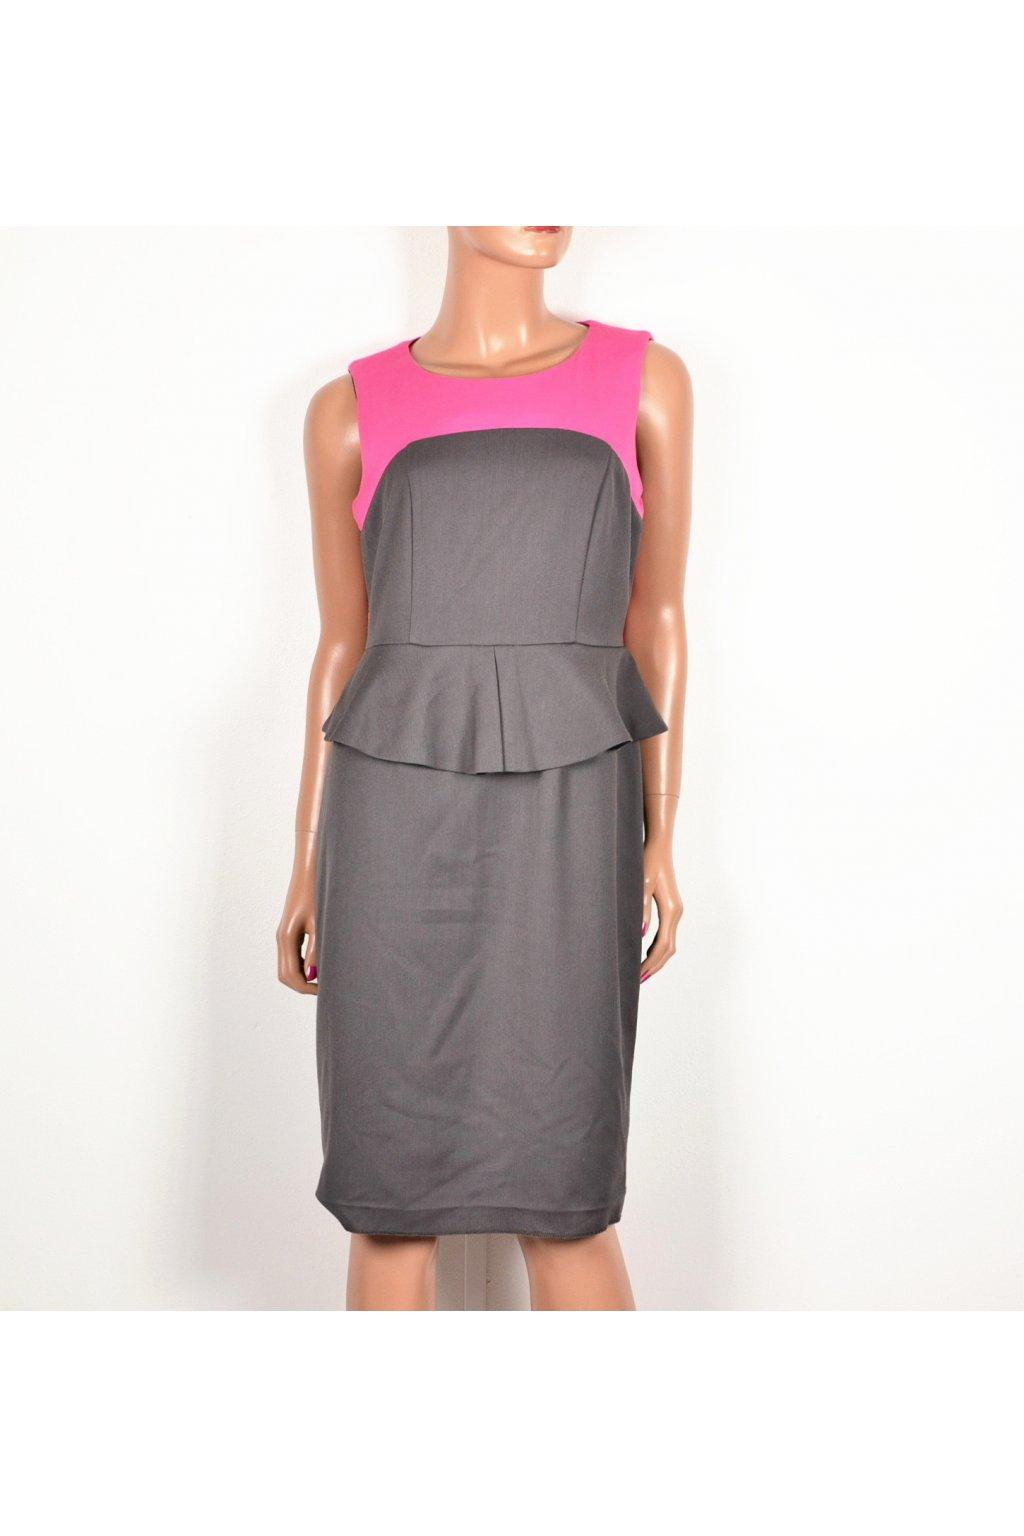 Šaty formální Next vel. M / uk 12